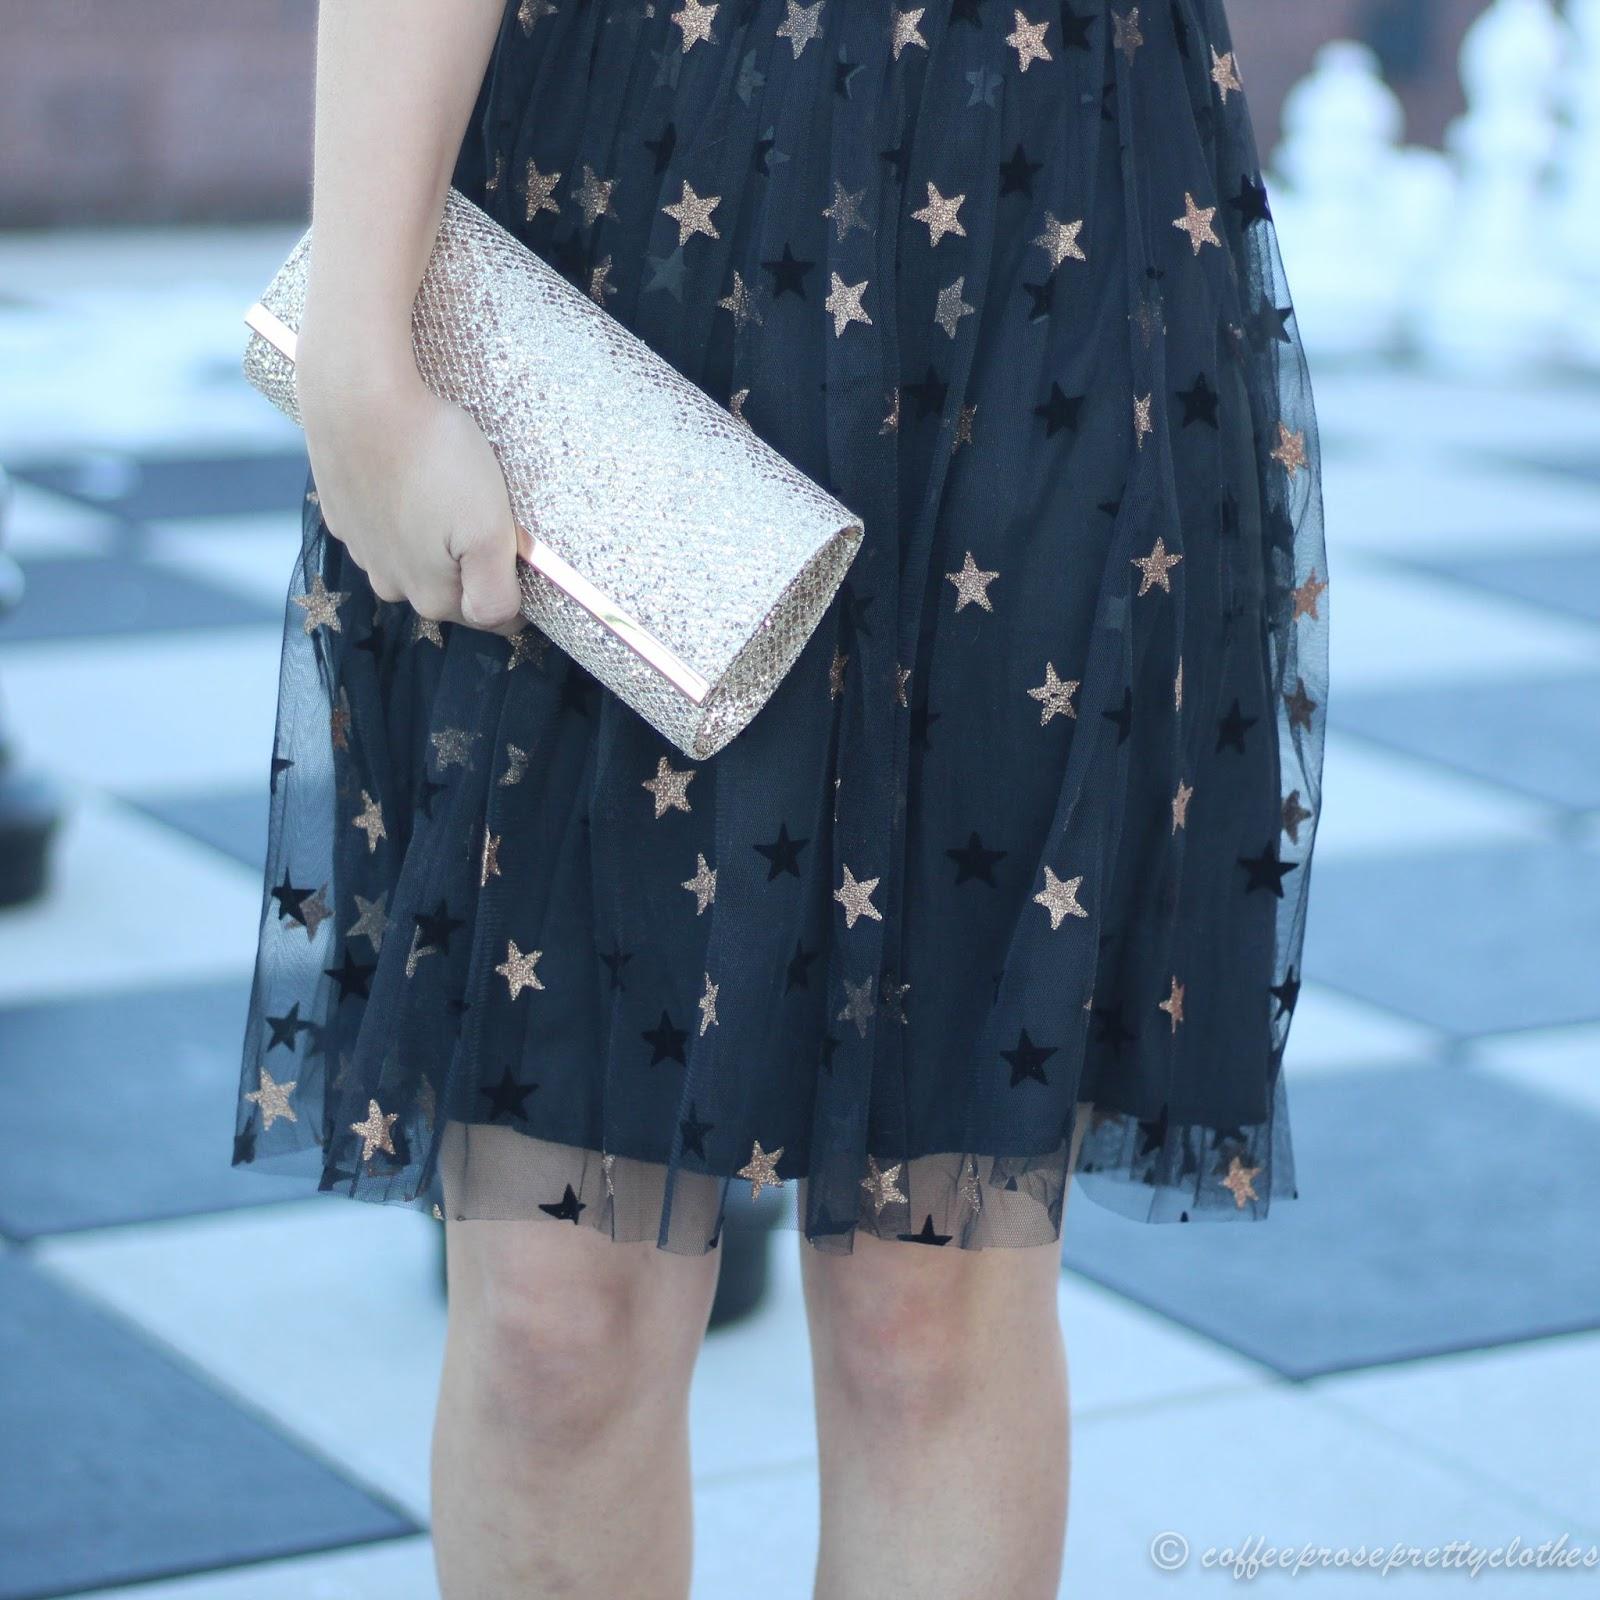 New Look Star Mesh Skater Dress ASOS, glitter heels, glitter clutch, NYE Outift